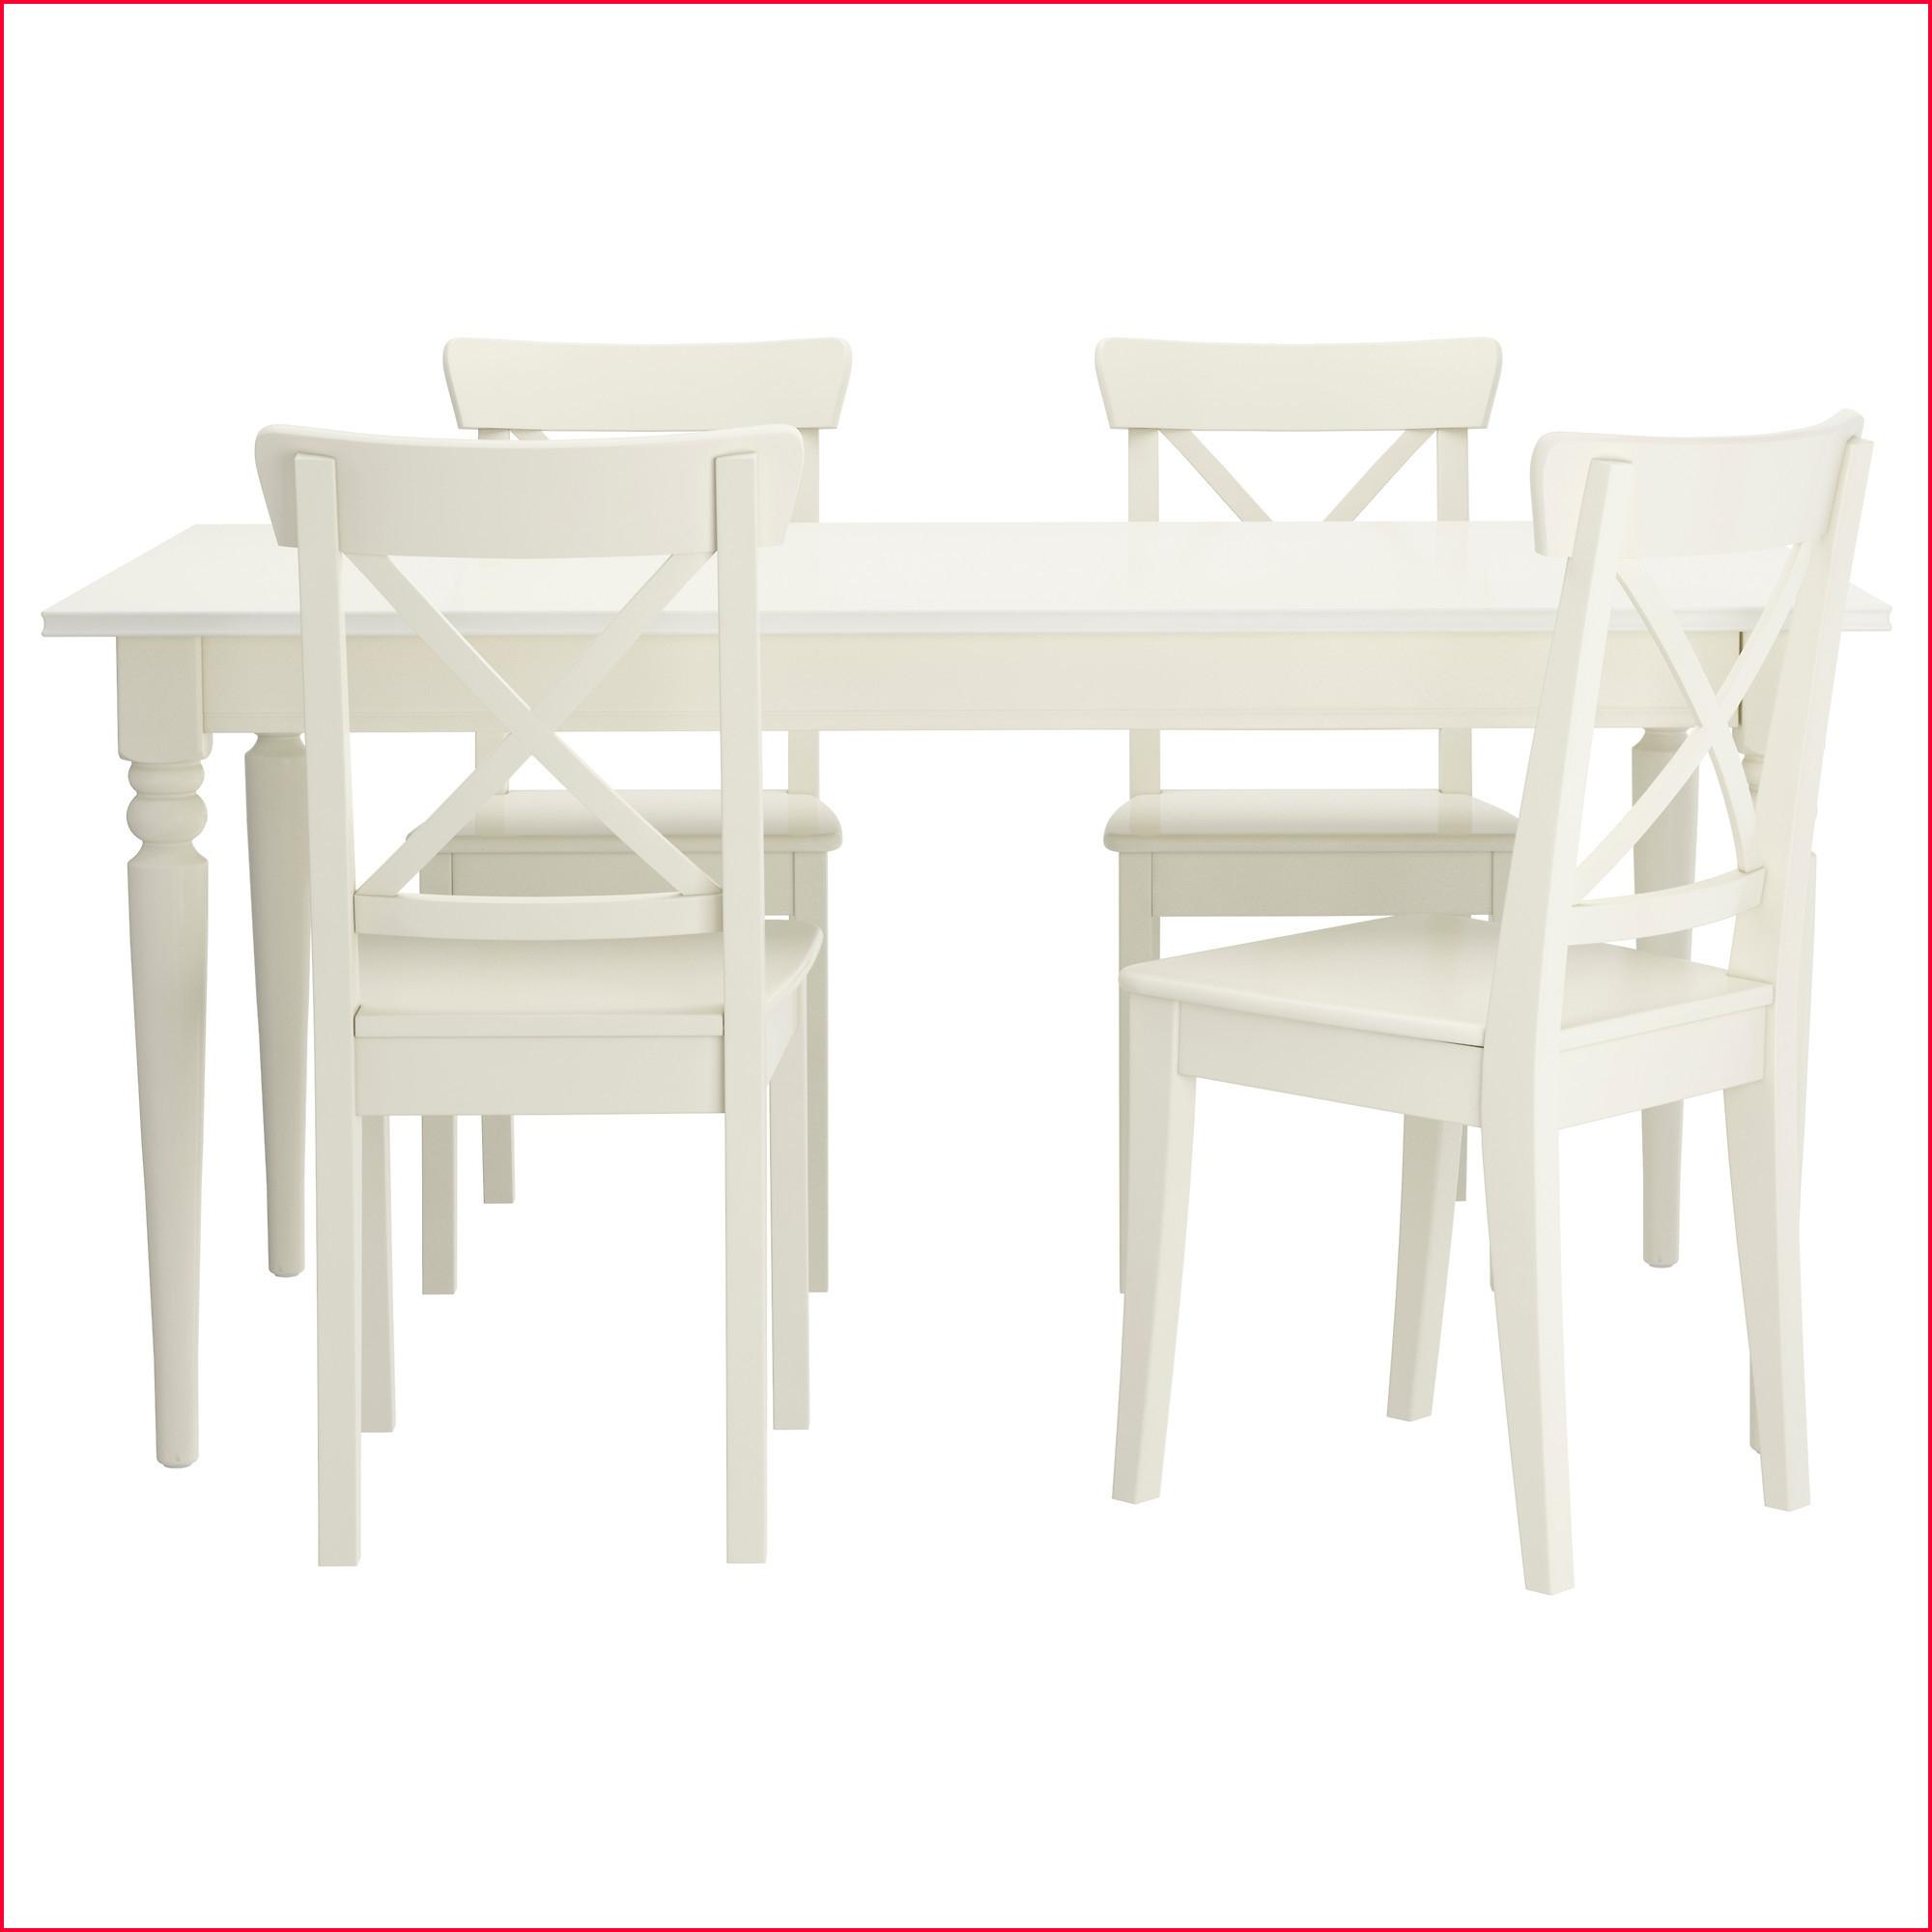 Ikea Sillas Niños Ipdd Mesas Y Sillas Para Bar Ikea Ingatorp Mesa Con 4 Sillas